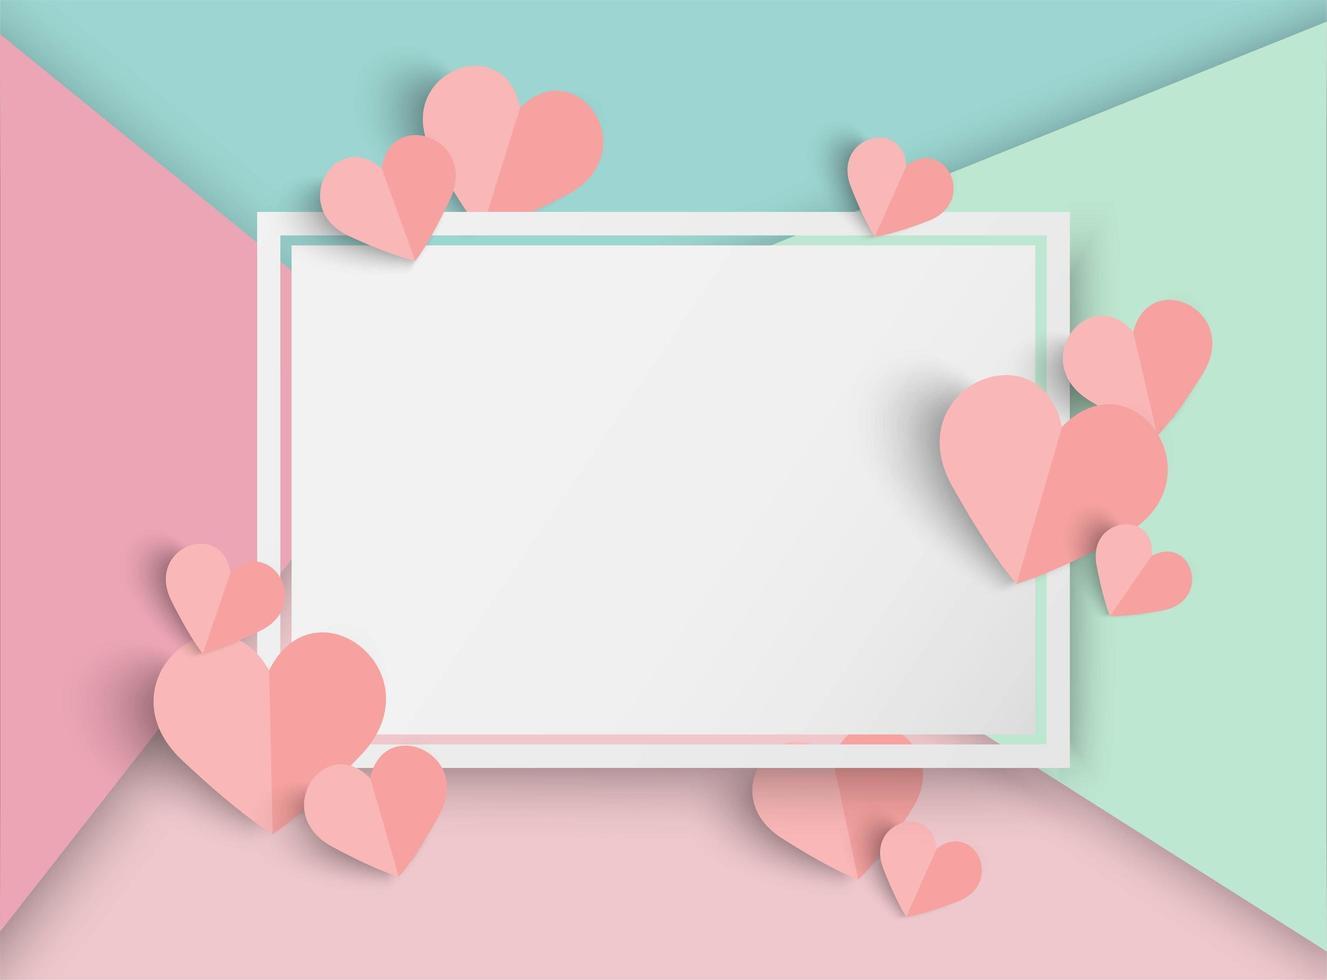 Valentinbakgrund med färgglada sektioner, hjärtan och tom vit rektangelram vektor